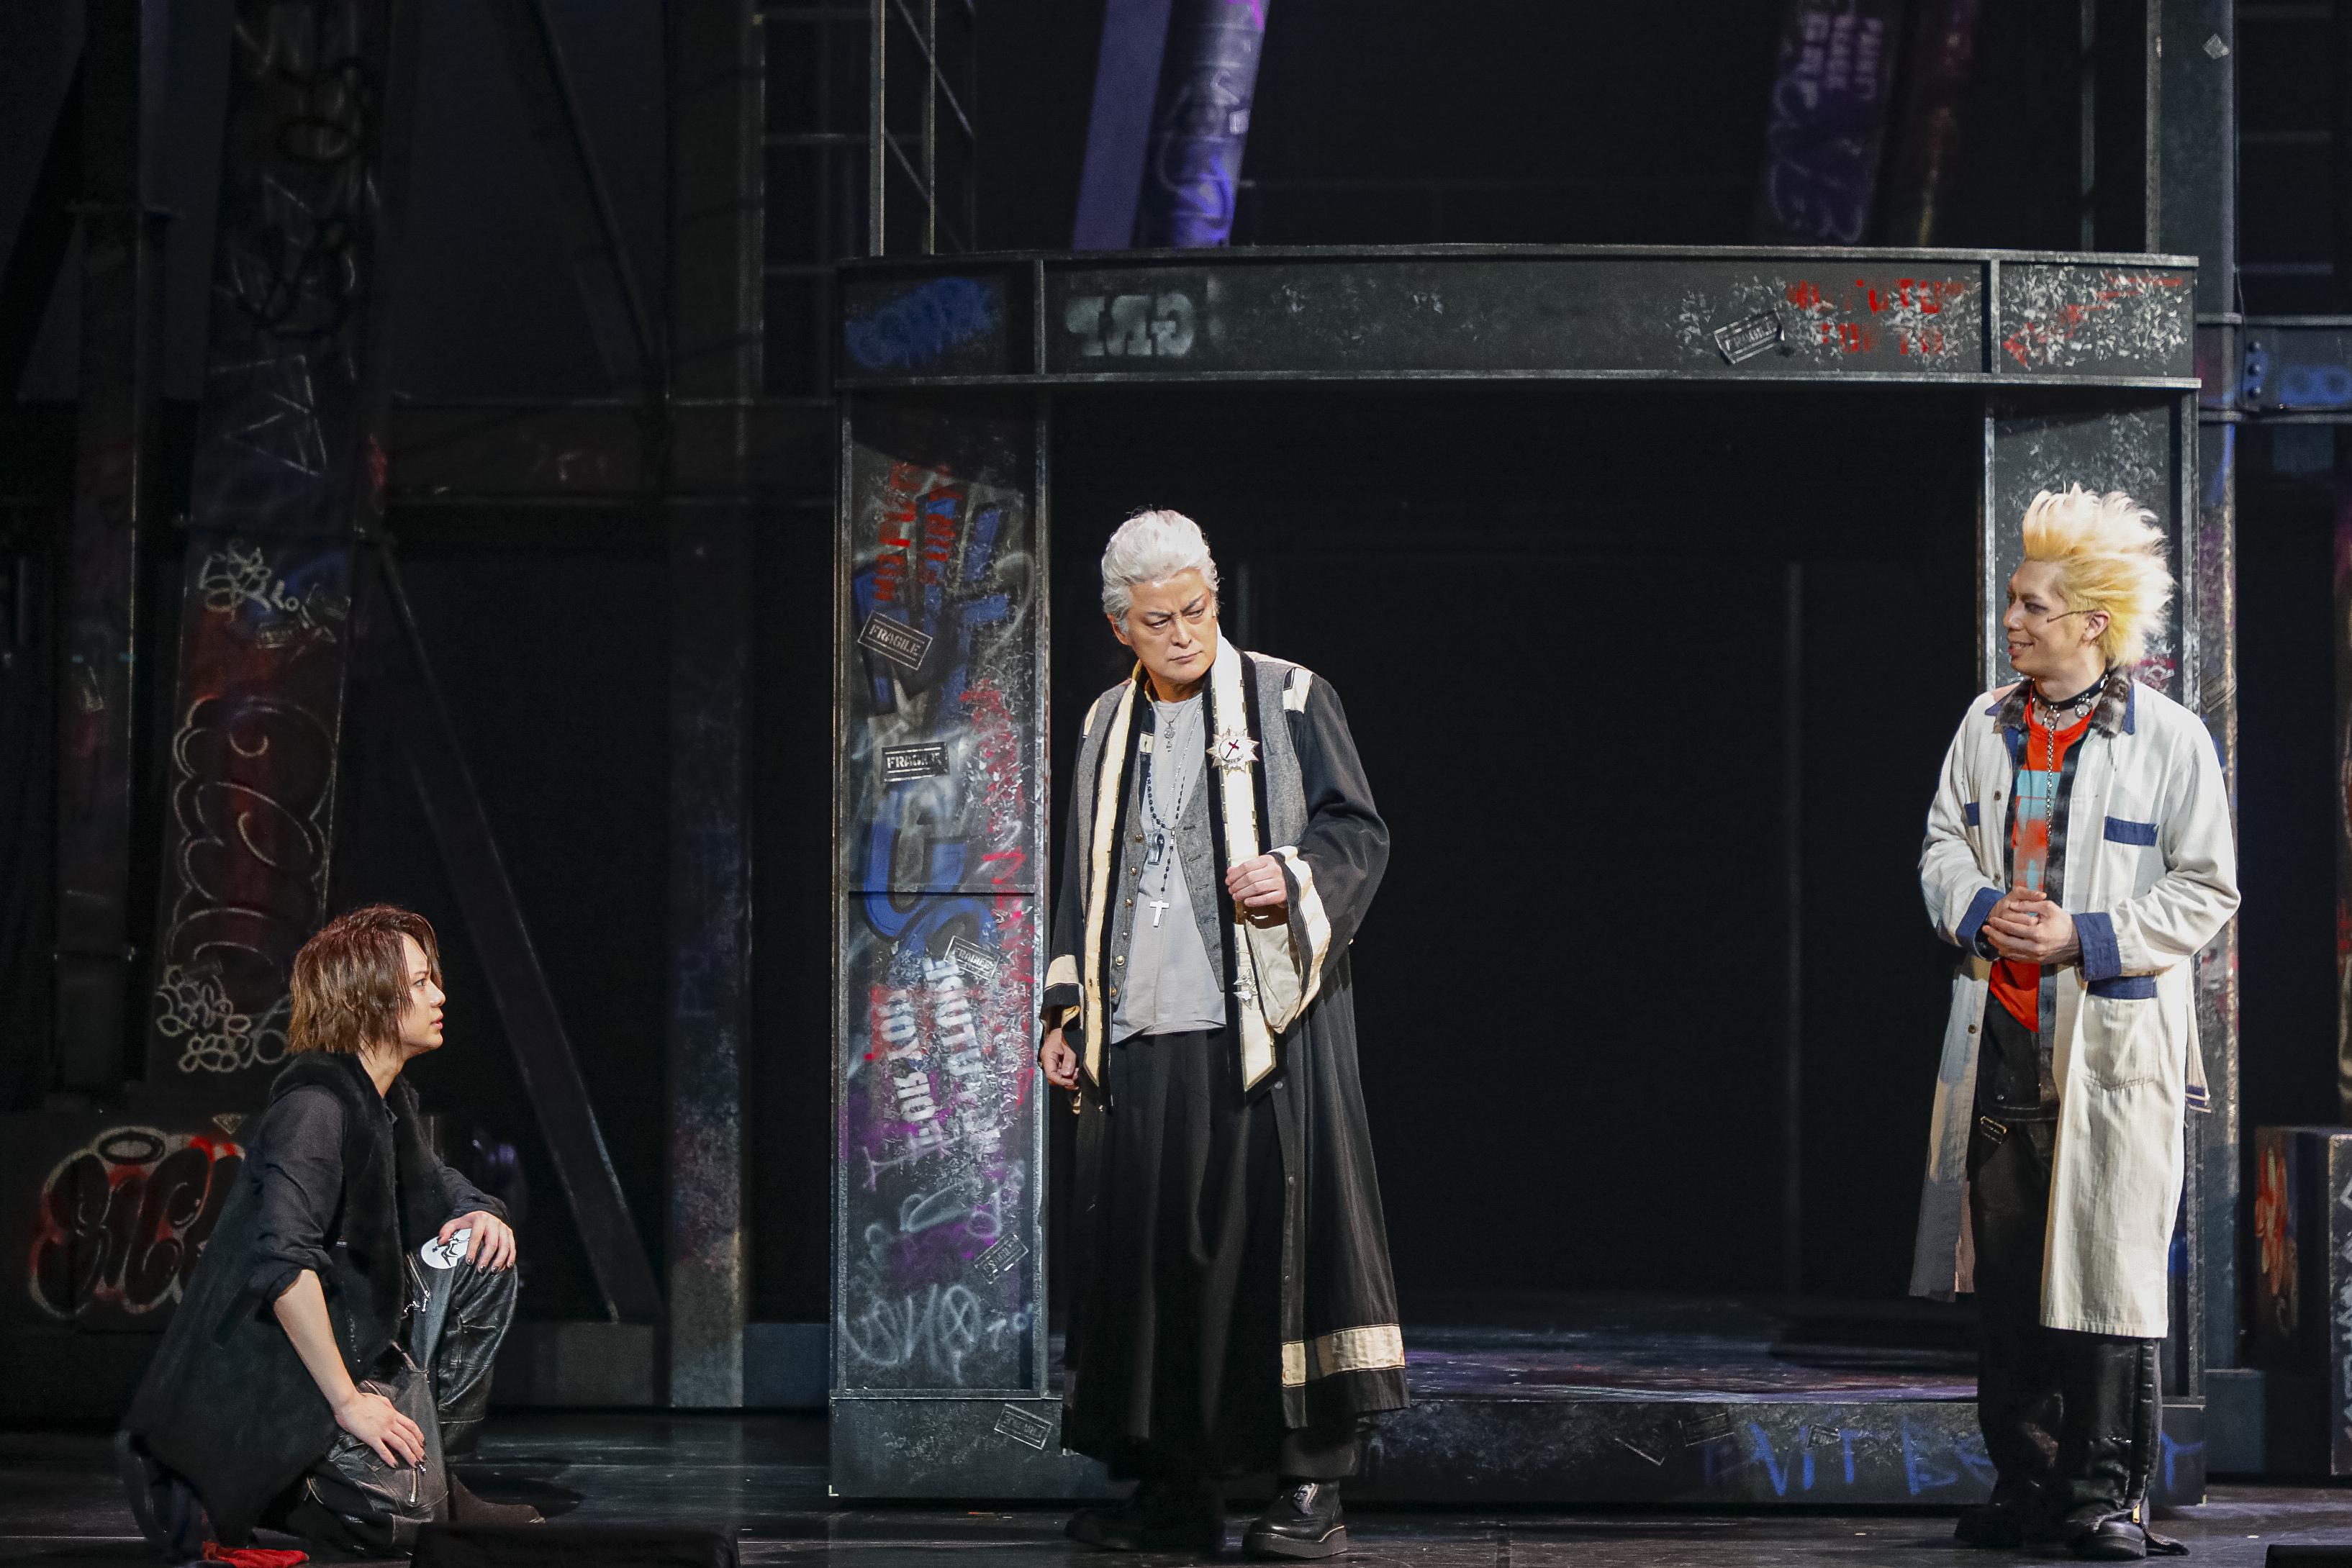 【公式レポ】Rock Opera『R&J』が開幕 ロミオ役・佐藤流司「準備万全、あとは本番を楽しむだけ」 イメージ画像